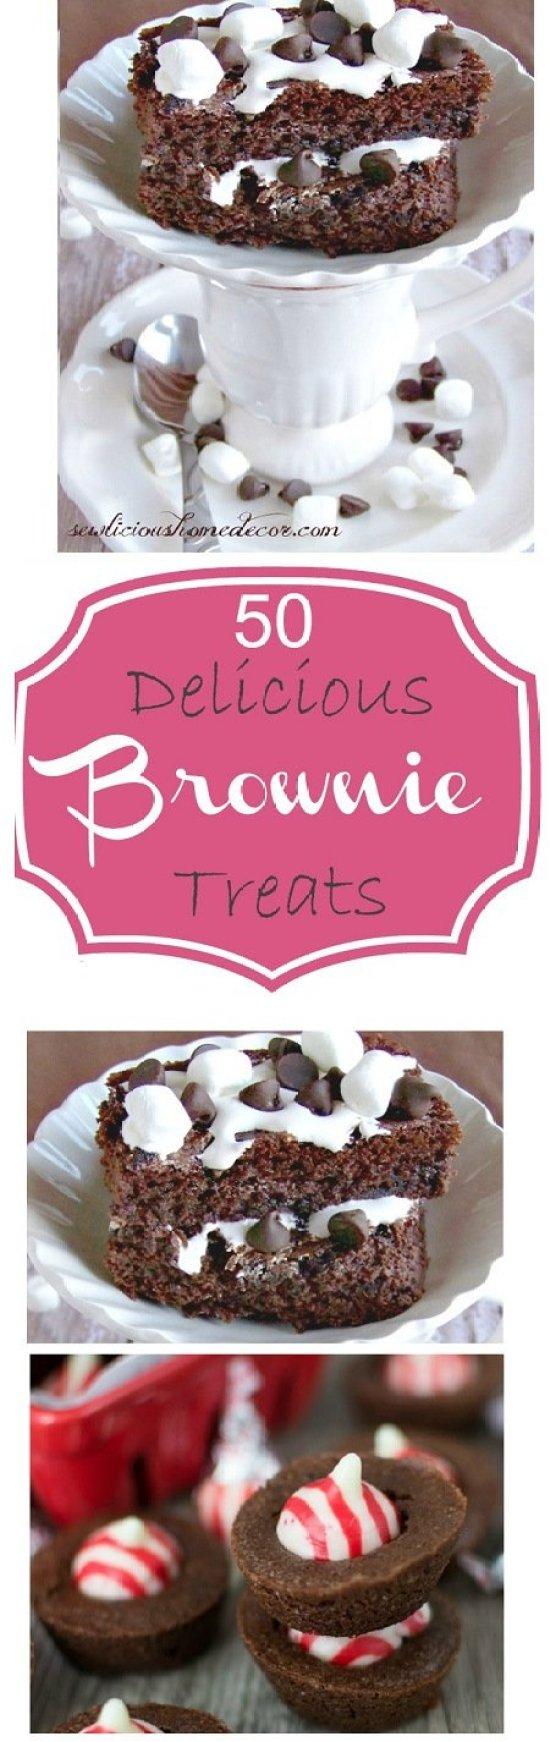 50-Delicious-Brownie-Treats-Round-up-l-sewlicioushomedecor.com_ (1)